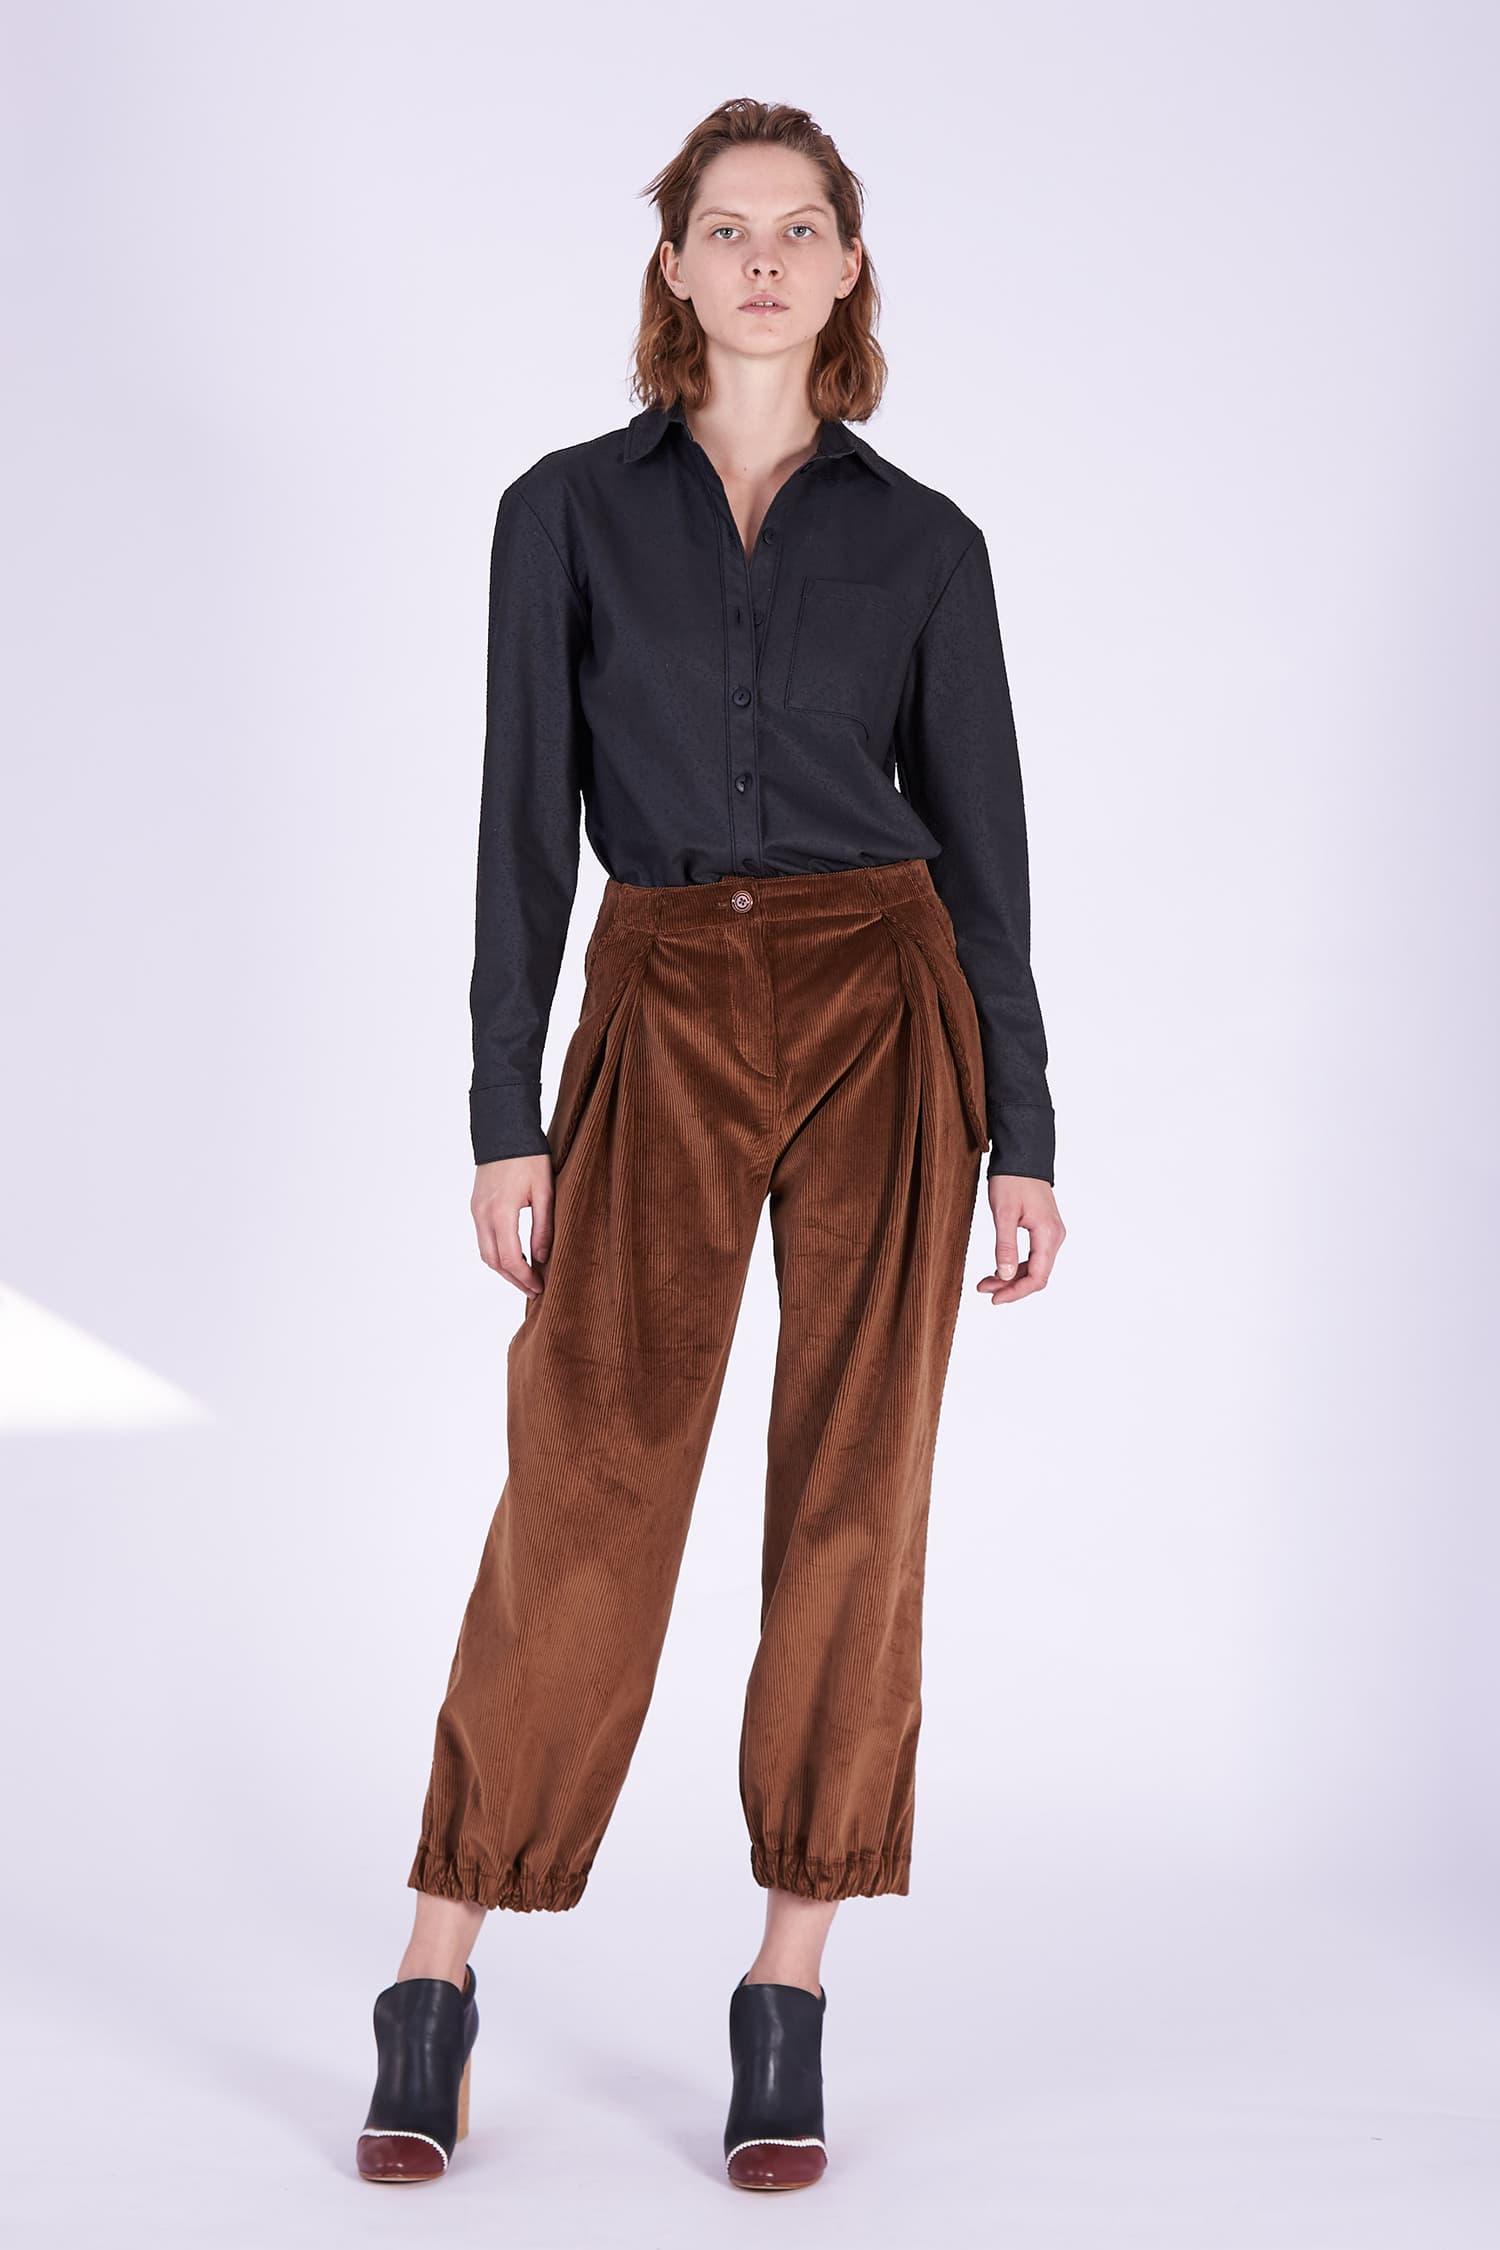 Acephala AW2018-19 Brown Corduroy Trousers // Brązowe Spodnie Sztruksowe